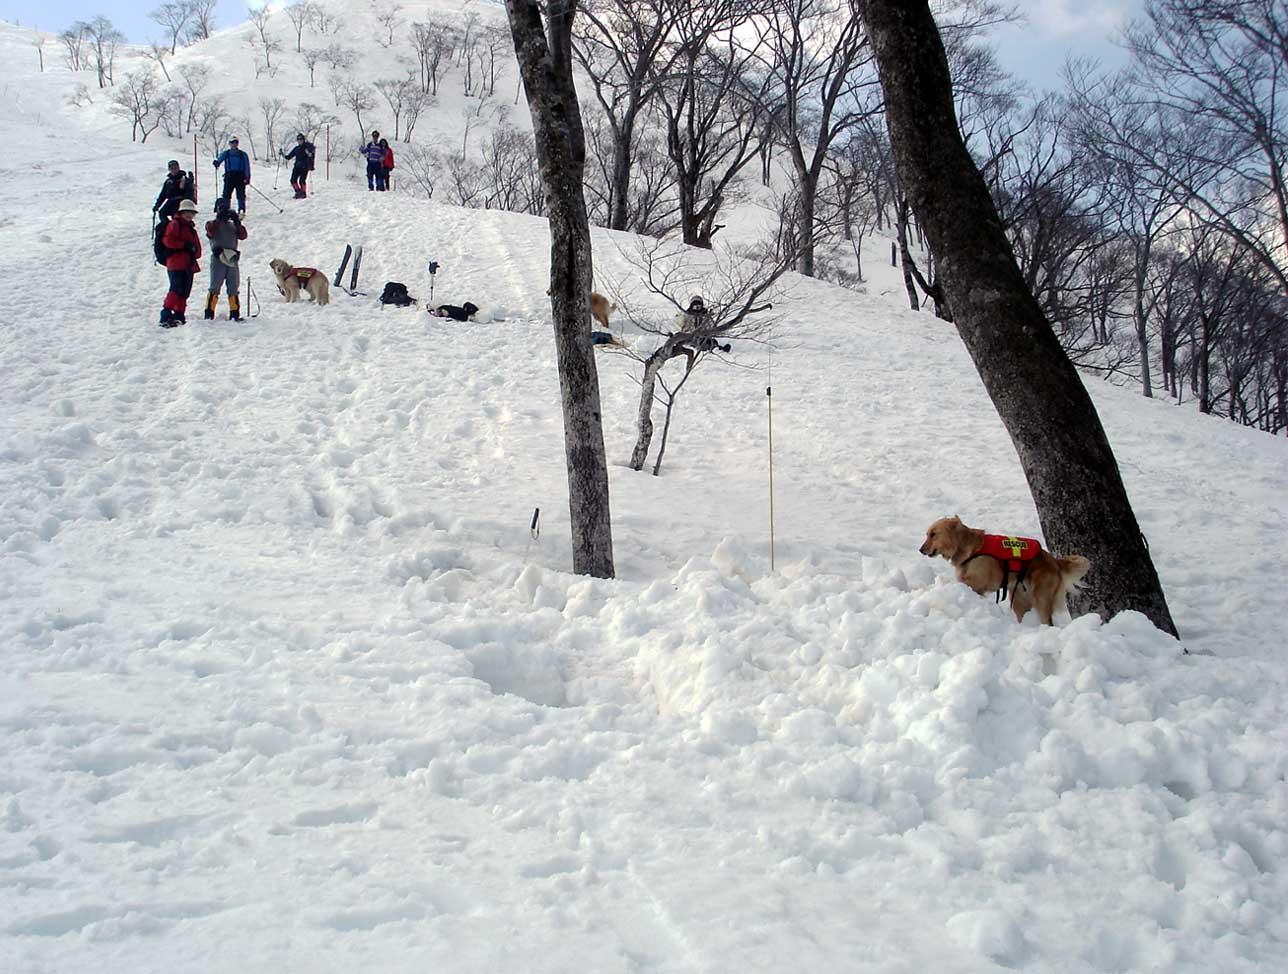 雪中訓練Ⅱ(33) GMK捜索